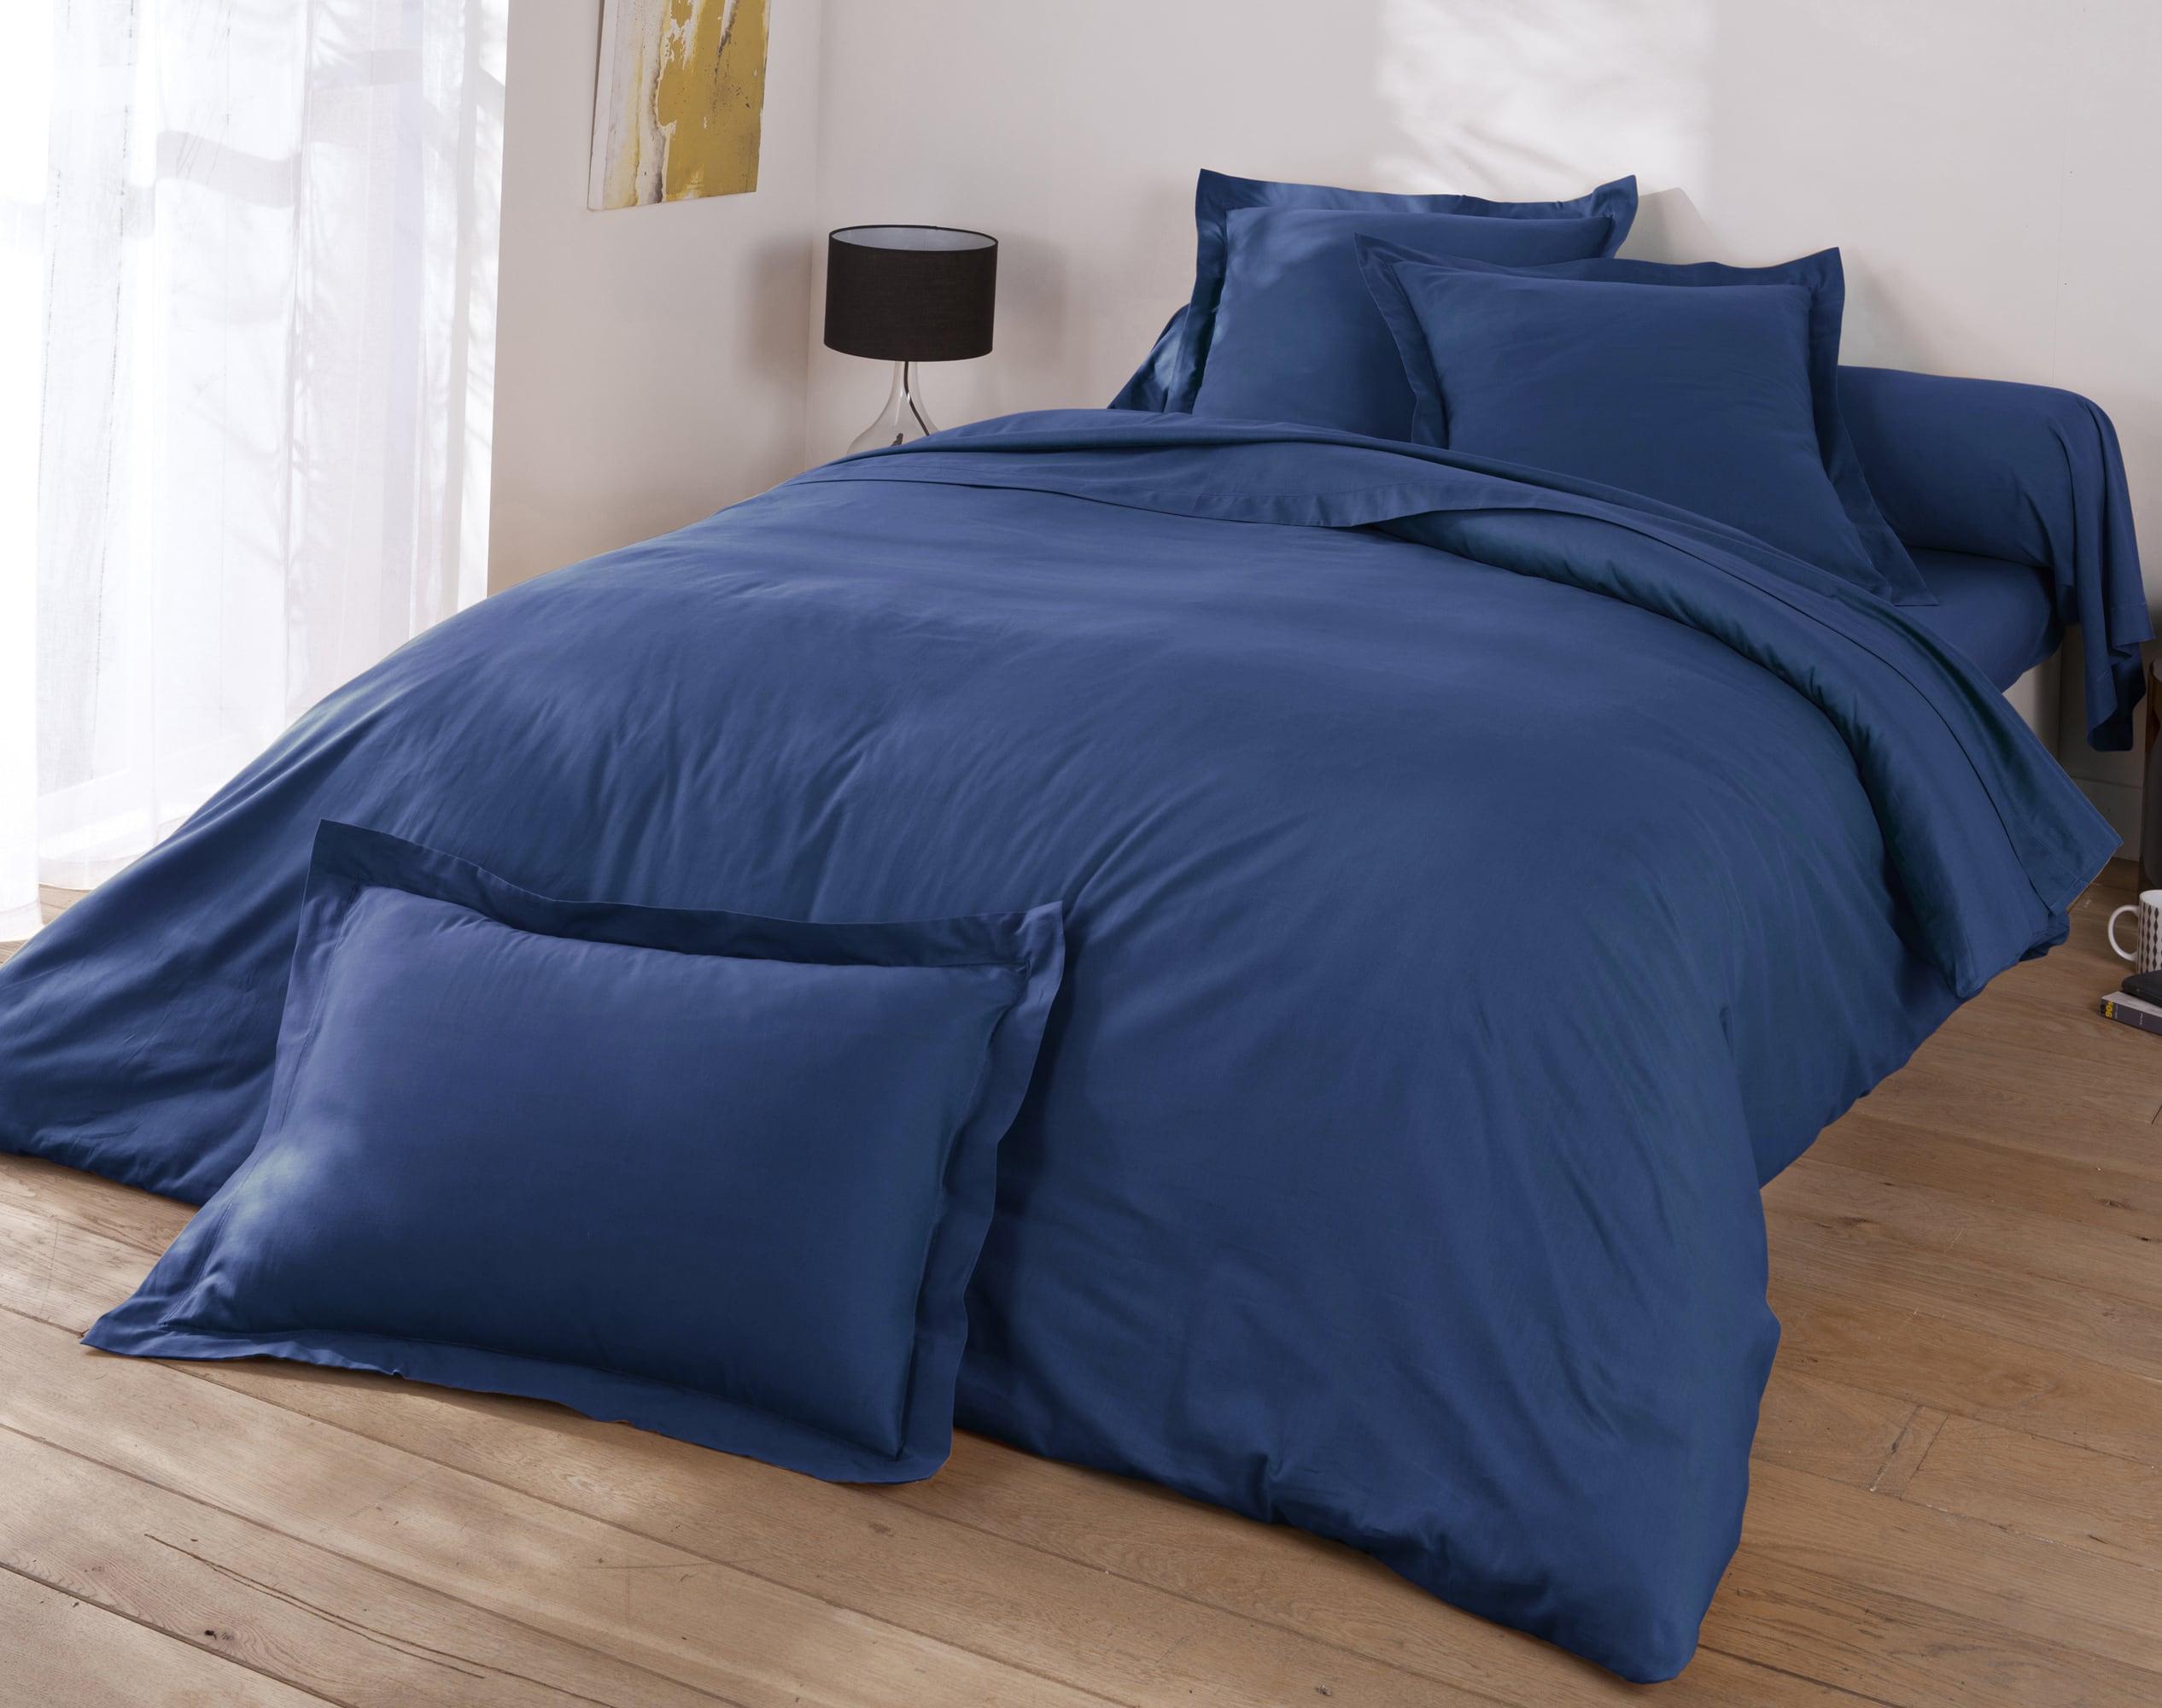 Housse de couette 140x200 en coton bleu marine